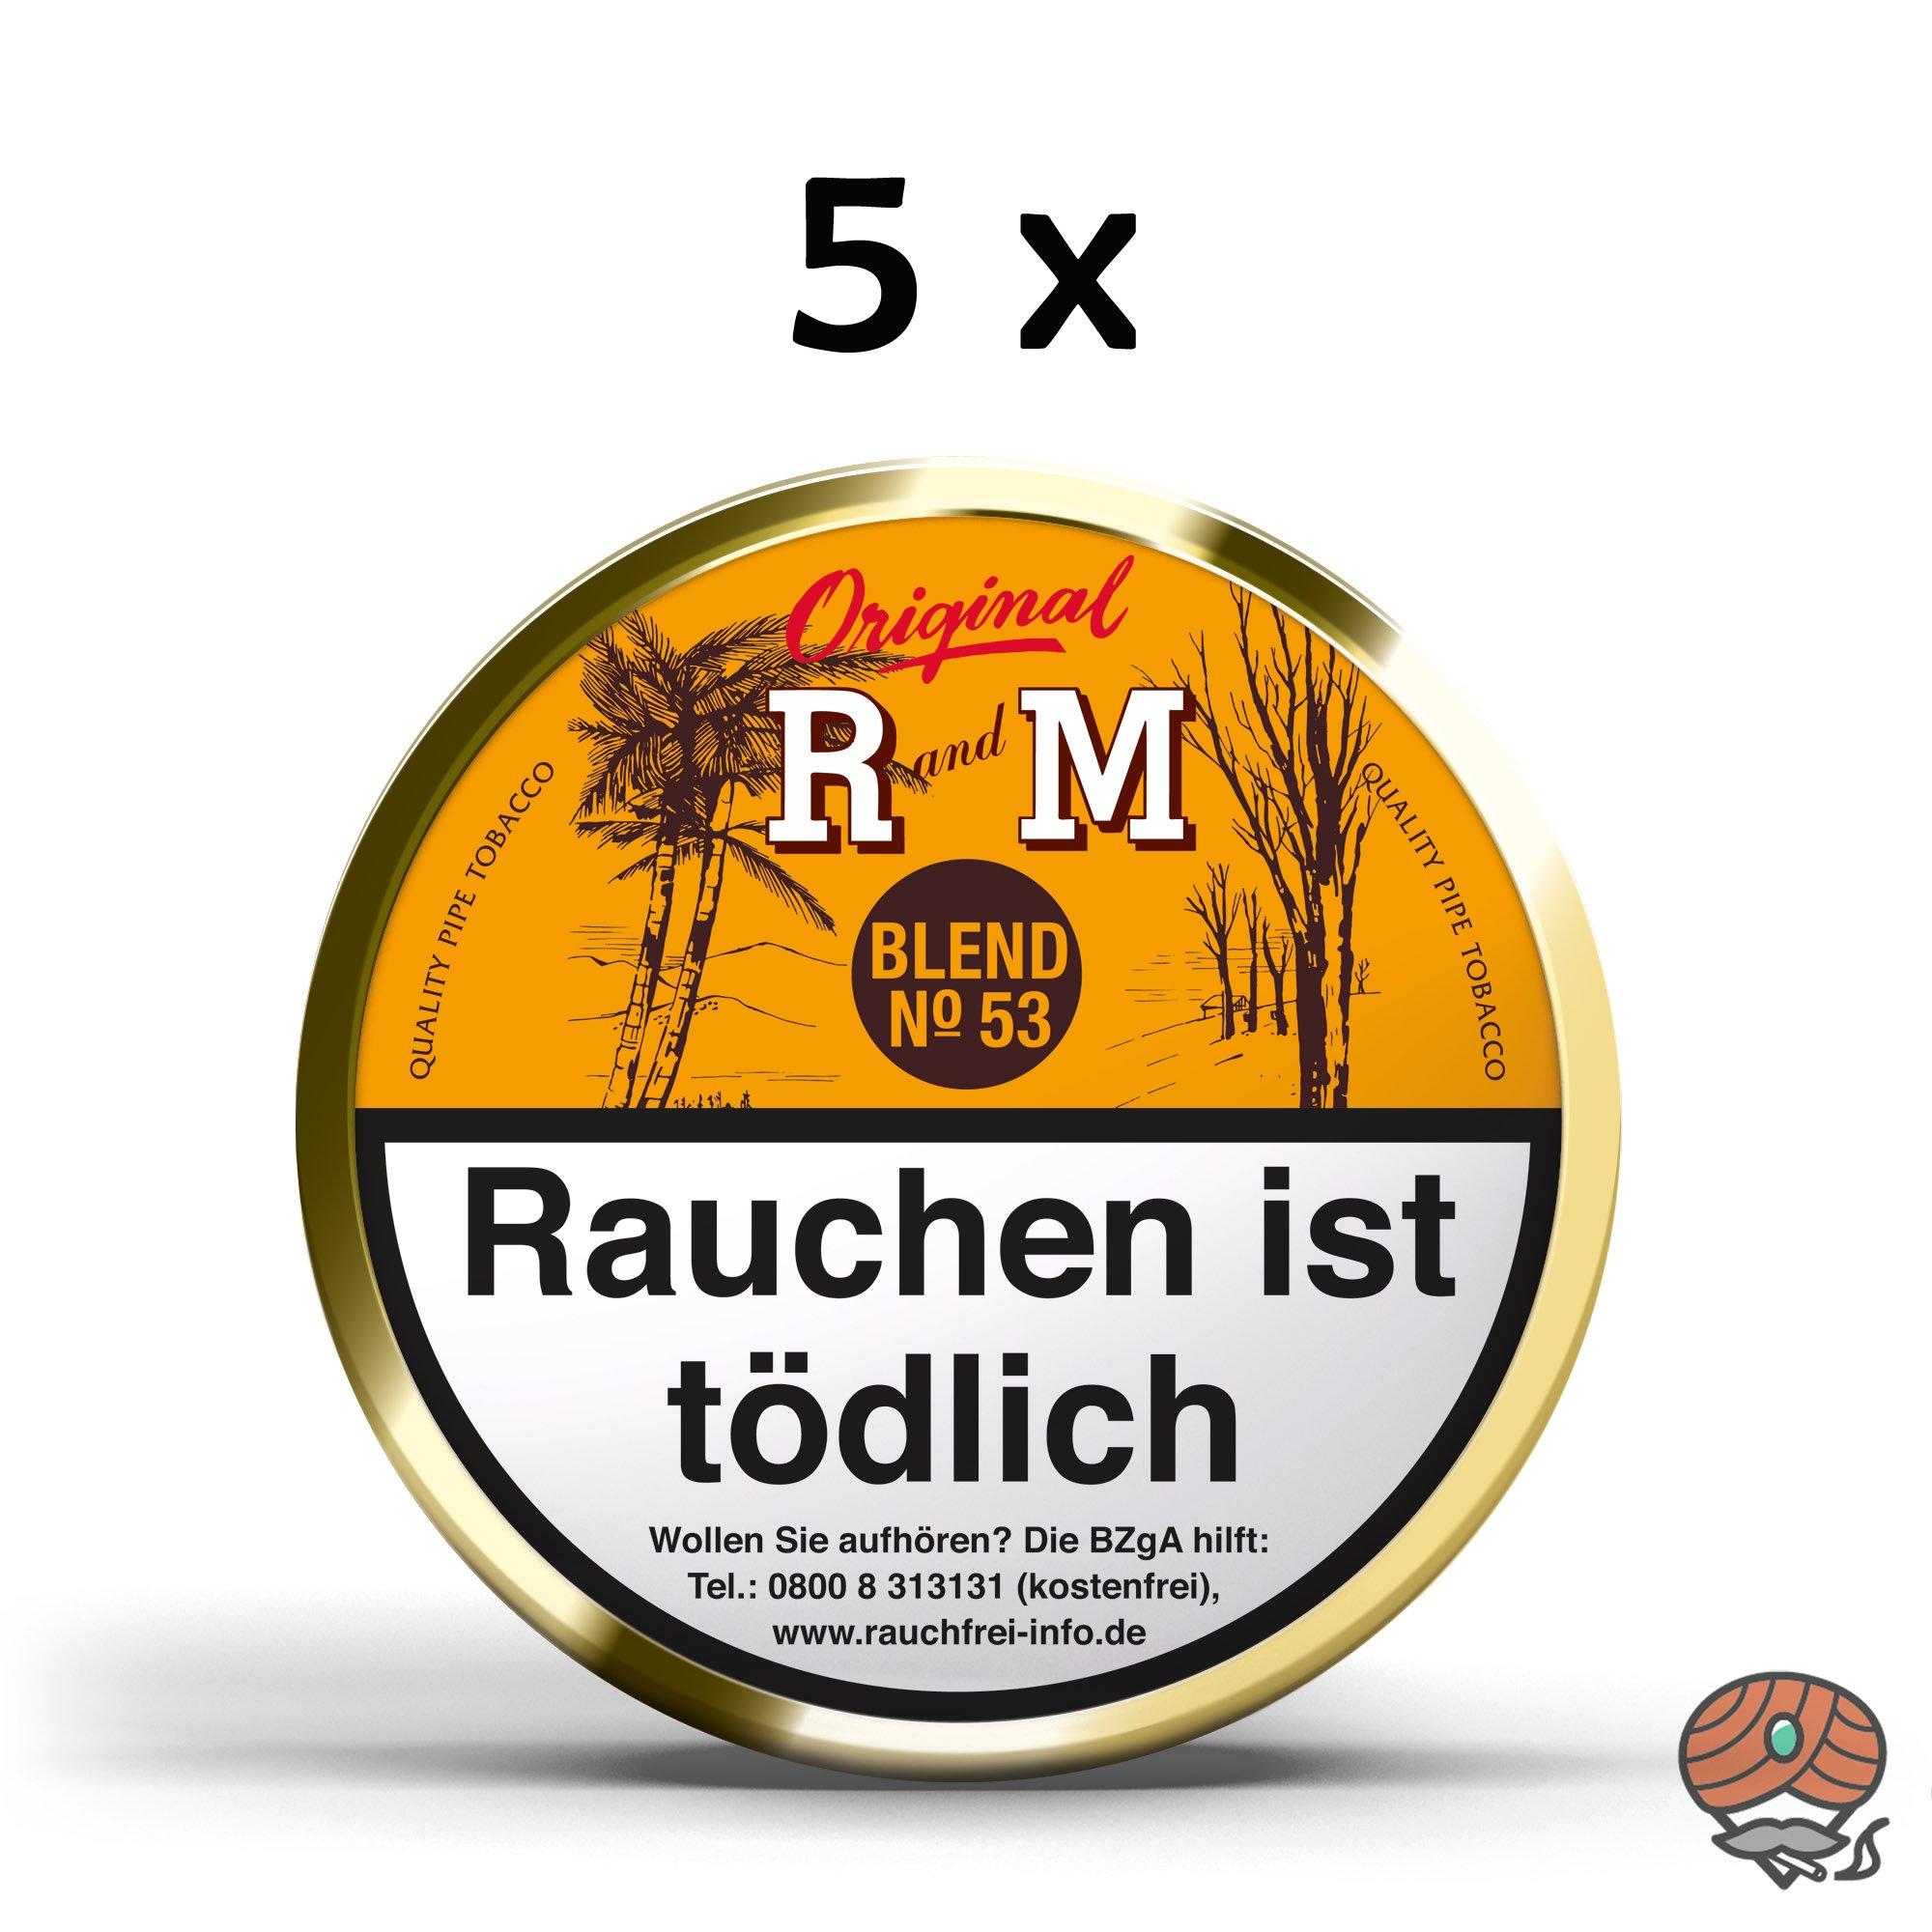 5 x R und M (Rum and Maple) Original Blend No. 53 Pfeifentabak à 100g